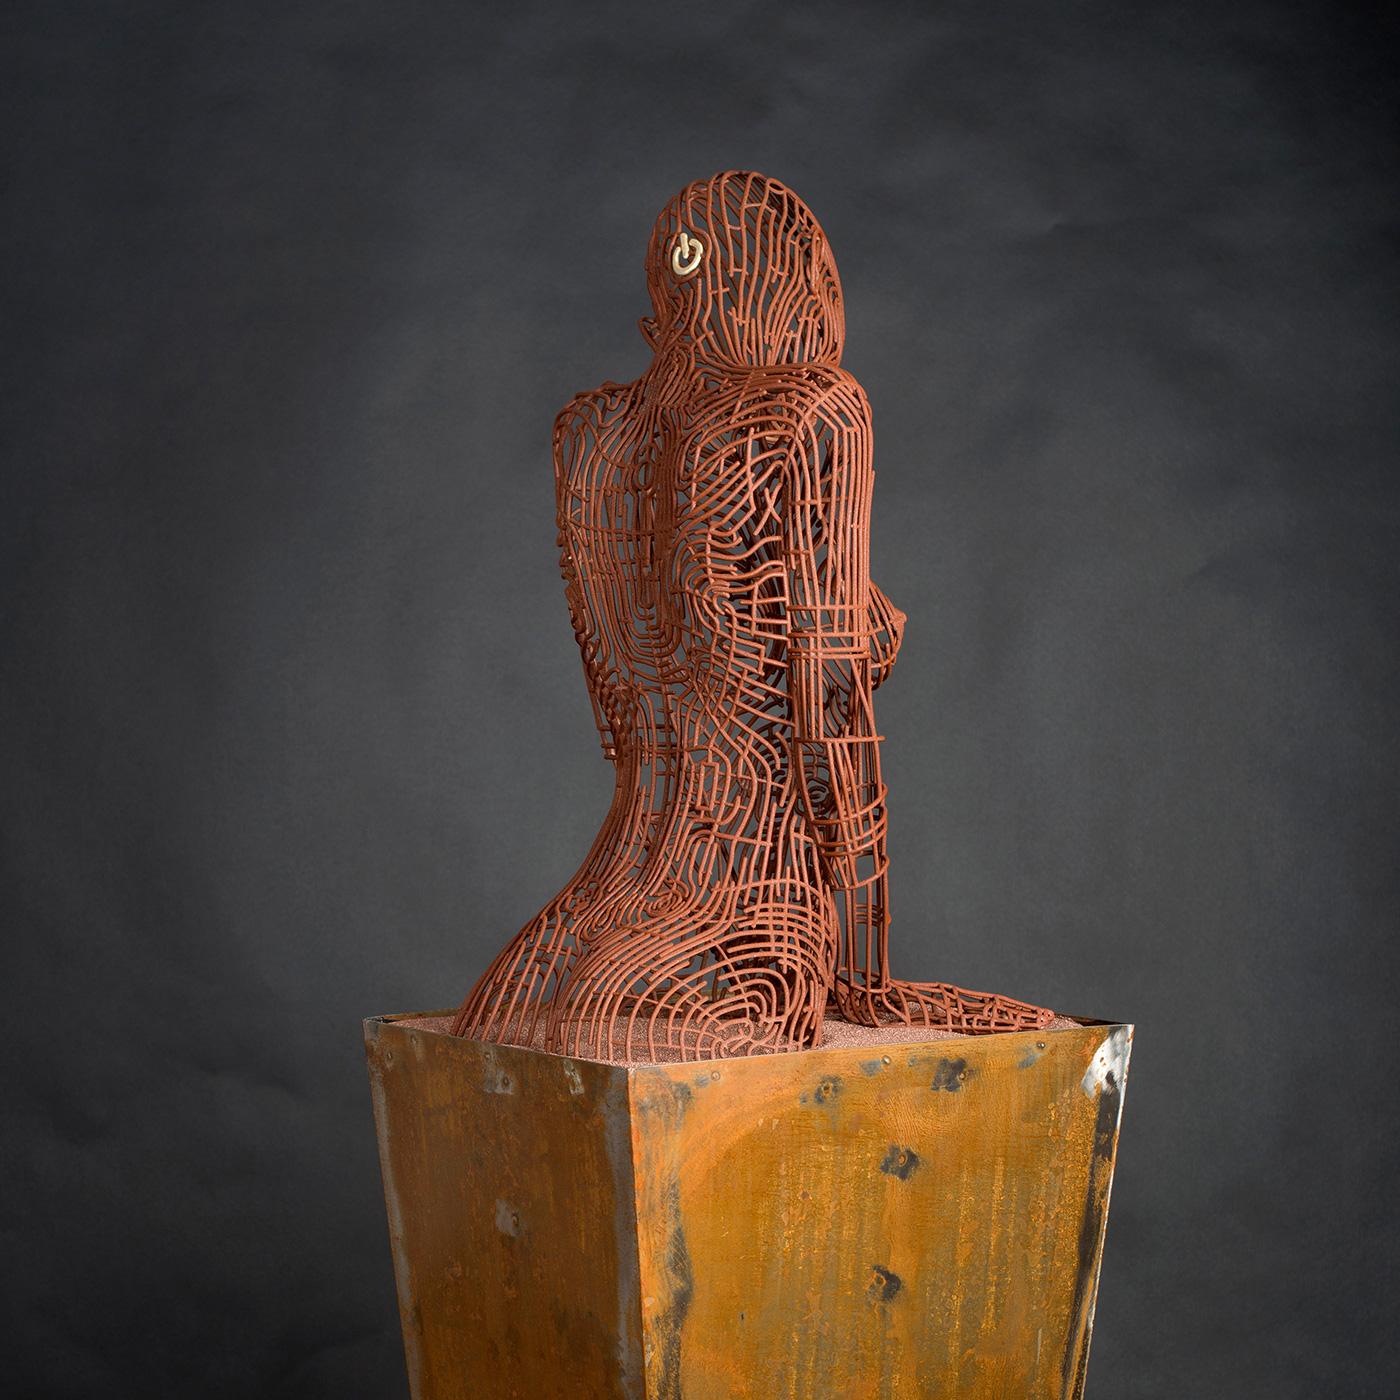 Bonzanos A.G., On-Off, Scultura in filo SLS Duraform, realizzata con stampante 3D, 167x50x40 cm, 2018. Collezione privata.